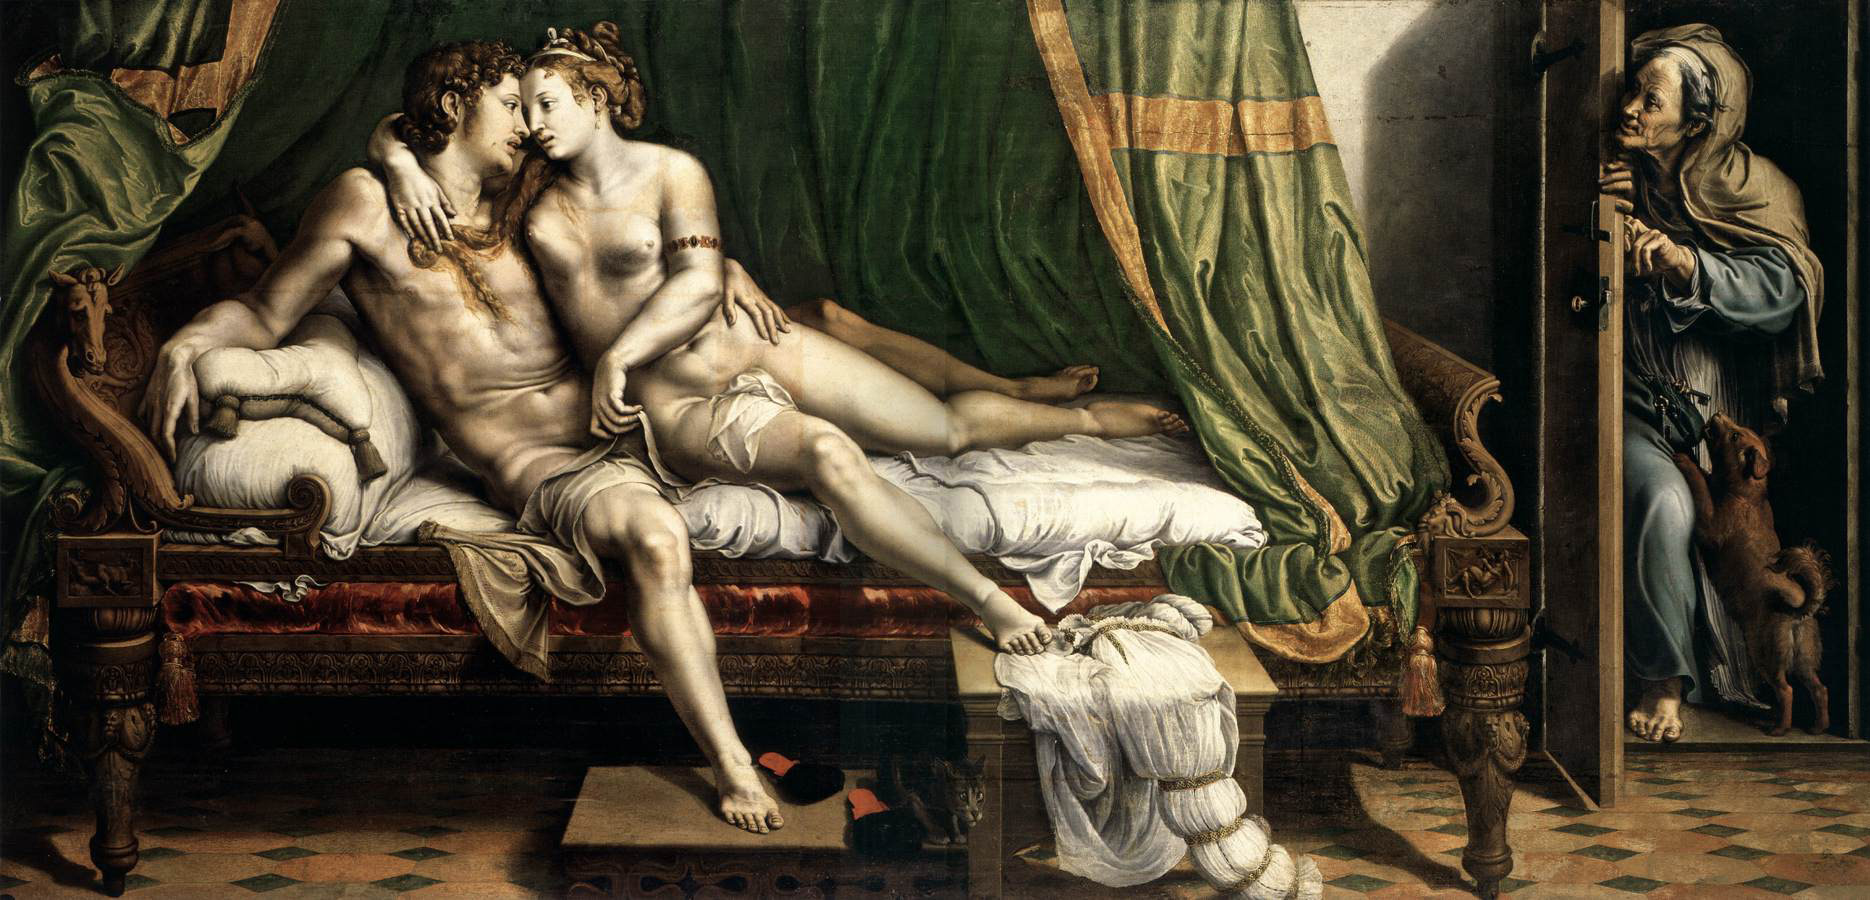 Giulio Romano, Due amanti, c. 1524, olio su tavola trasferito su tela, 1630 x 3370 mm. San Pietroburgo, The State Hermitage Museum